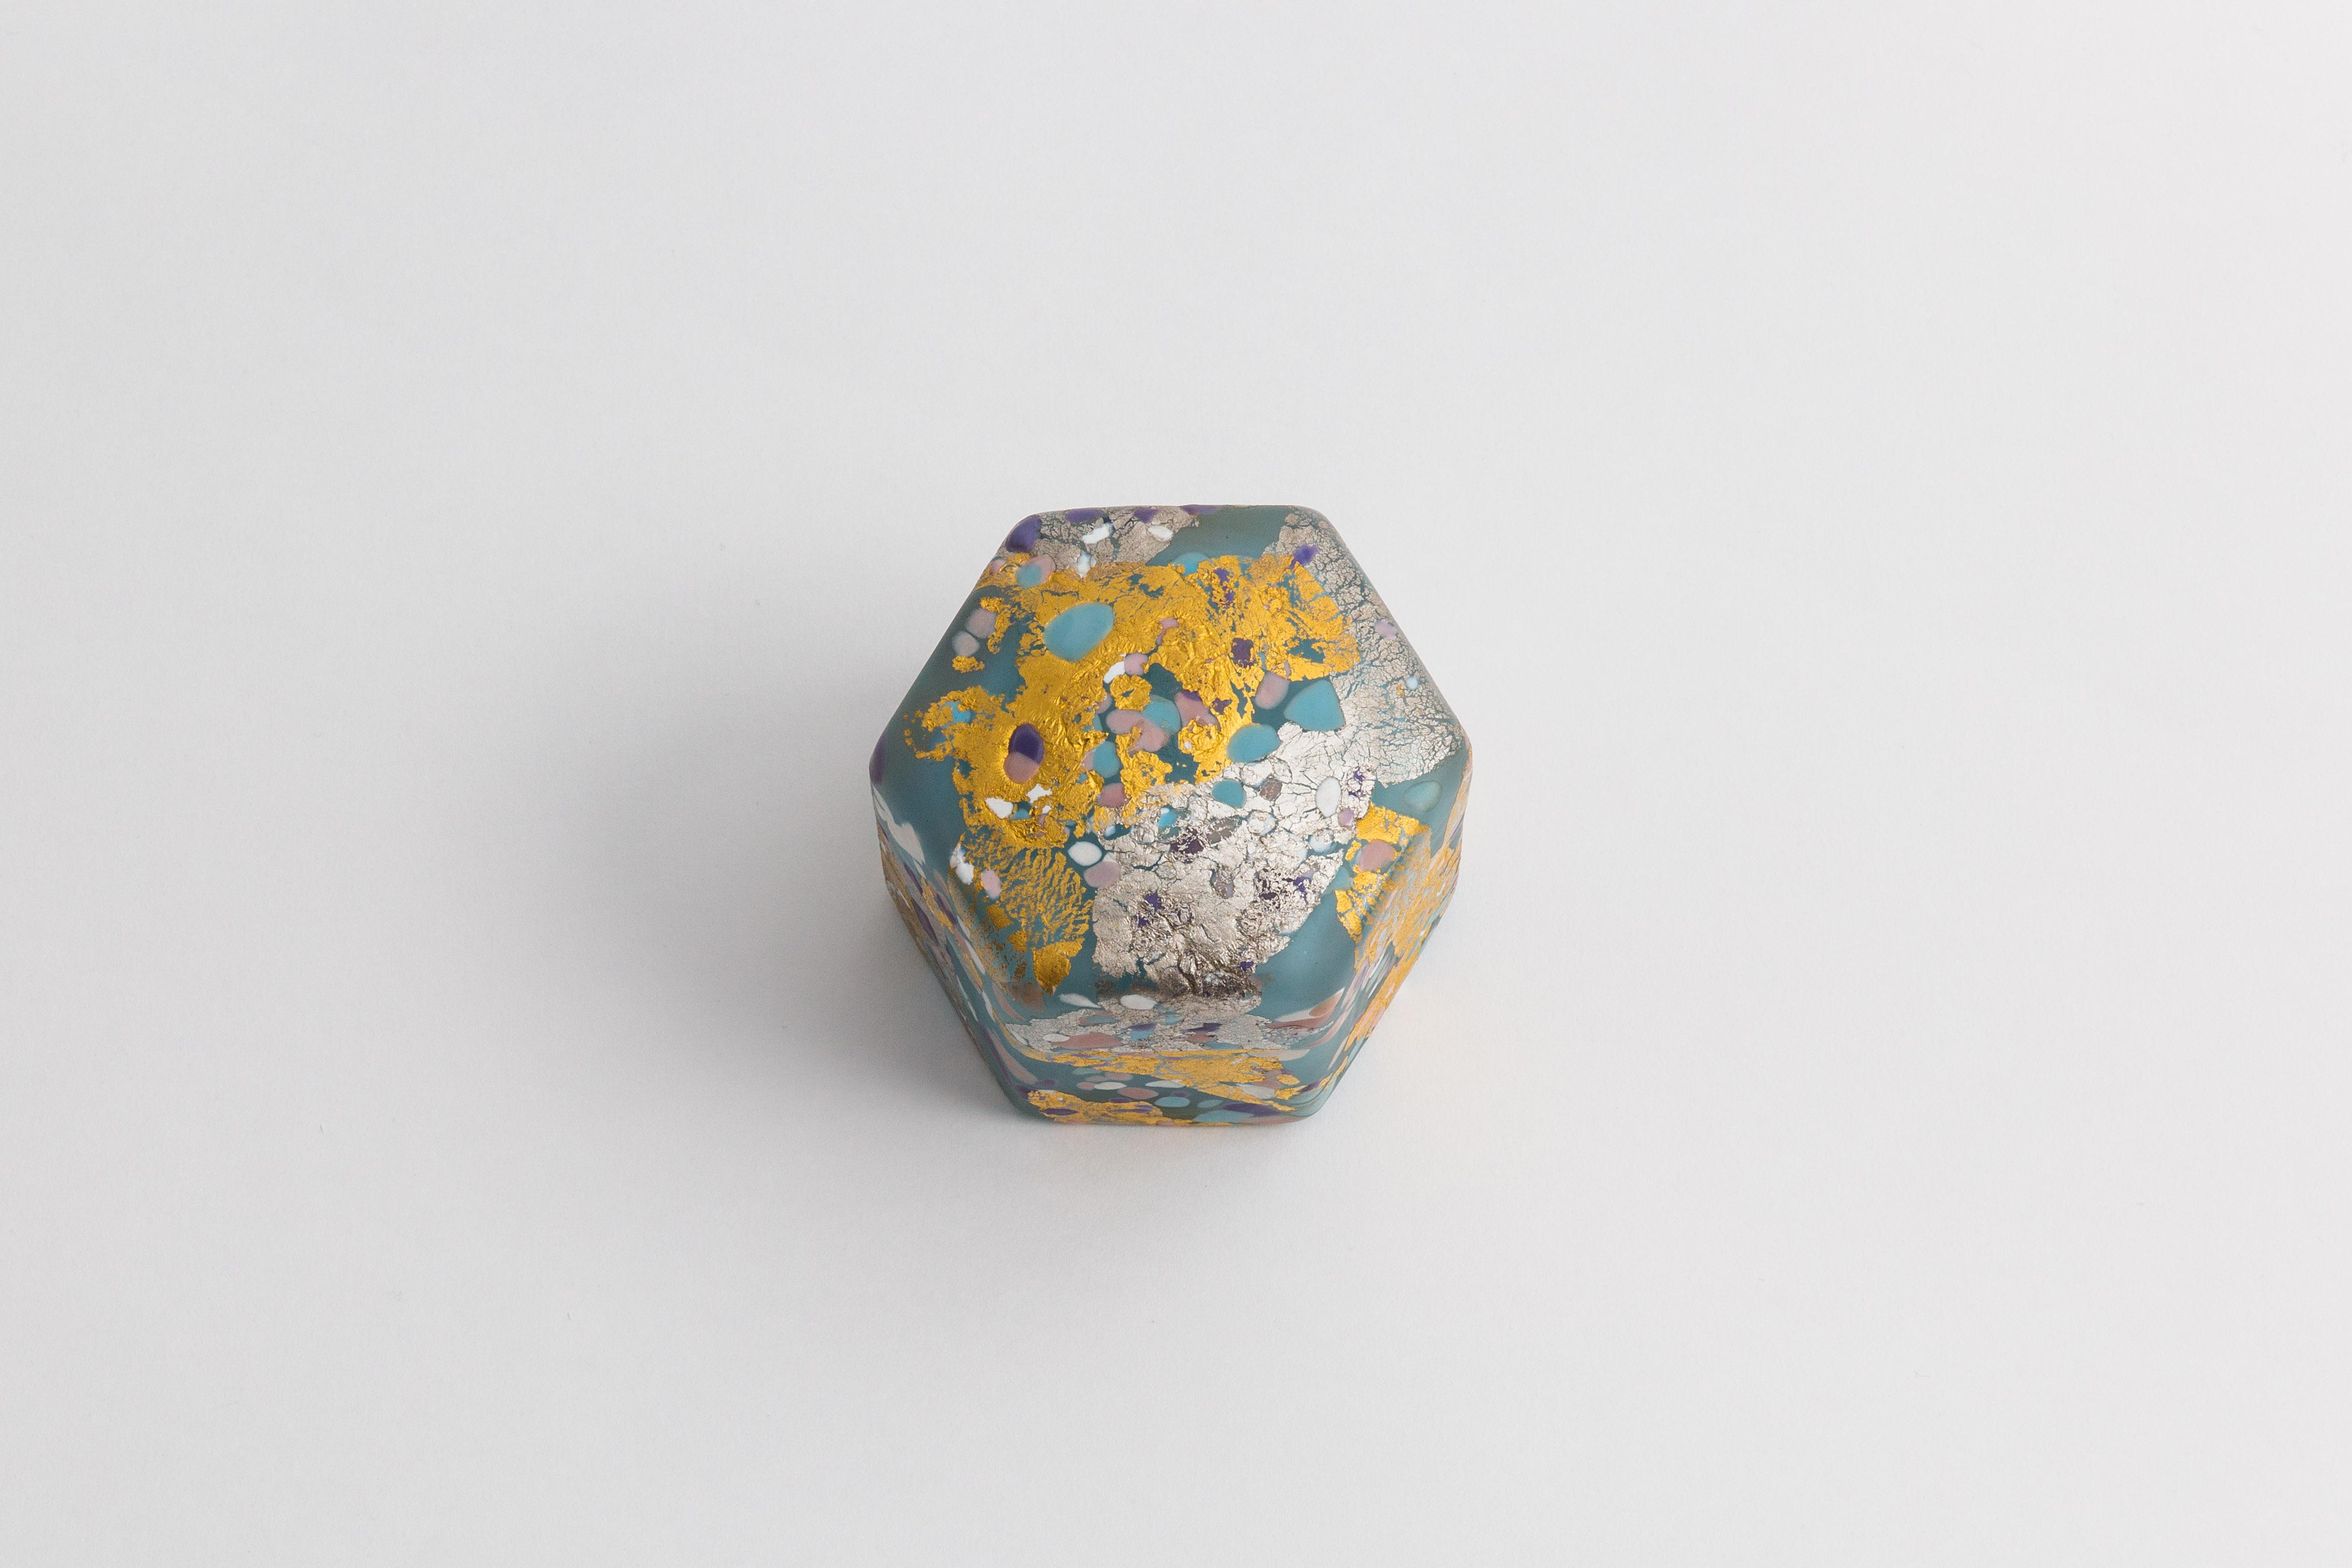 fuj601-2 by  | soyun k.